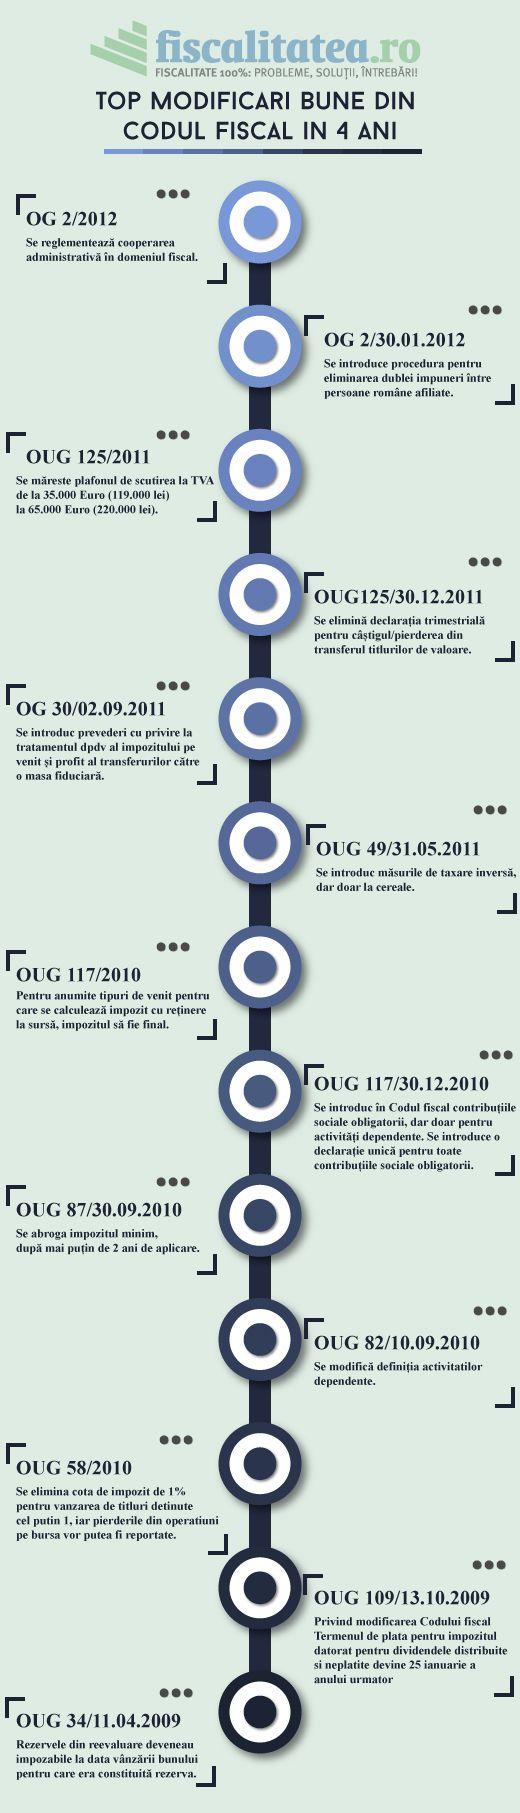 Topul modificarilor din codul fiscal din Romania in ultimii 4 ani #codulfiscal, #romania, #contabilitate